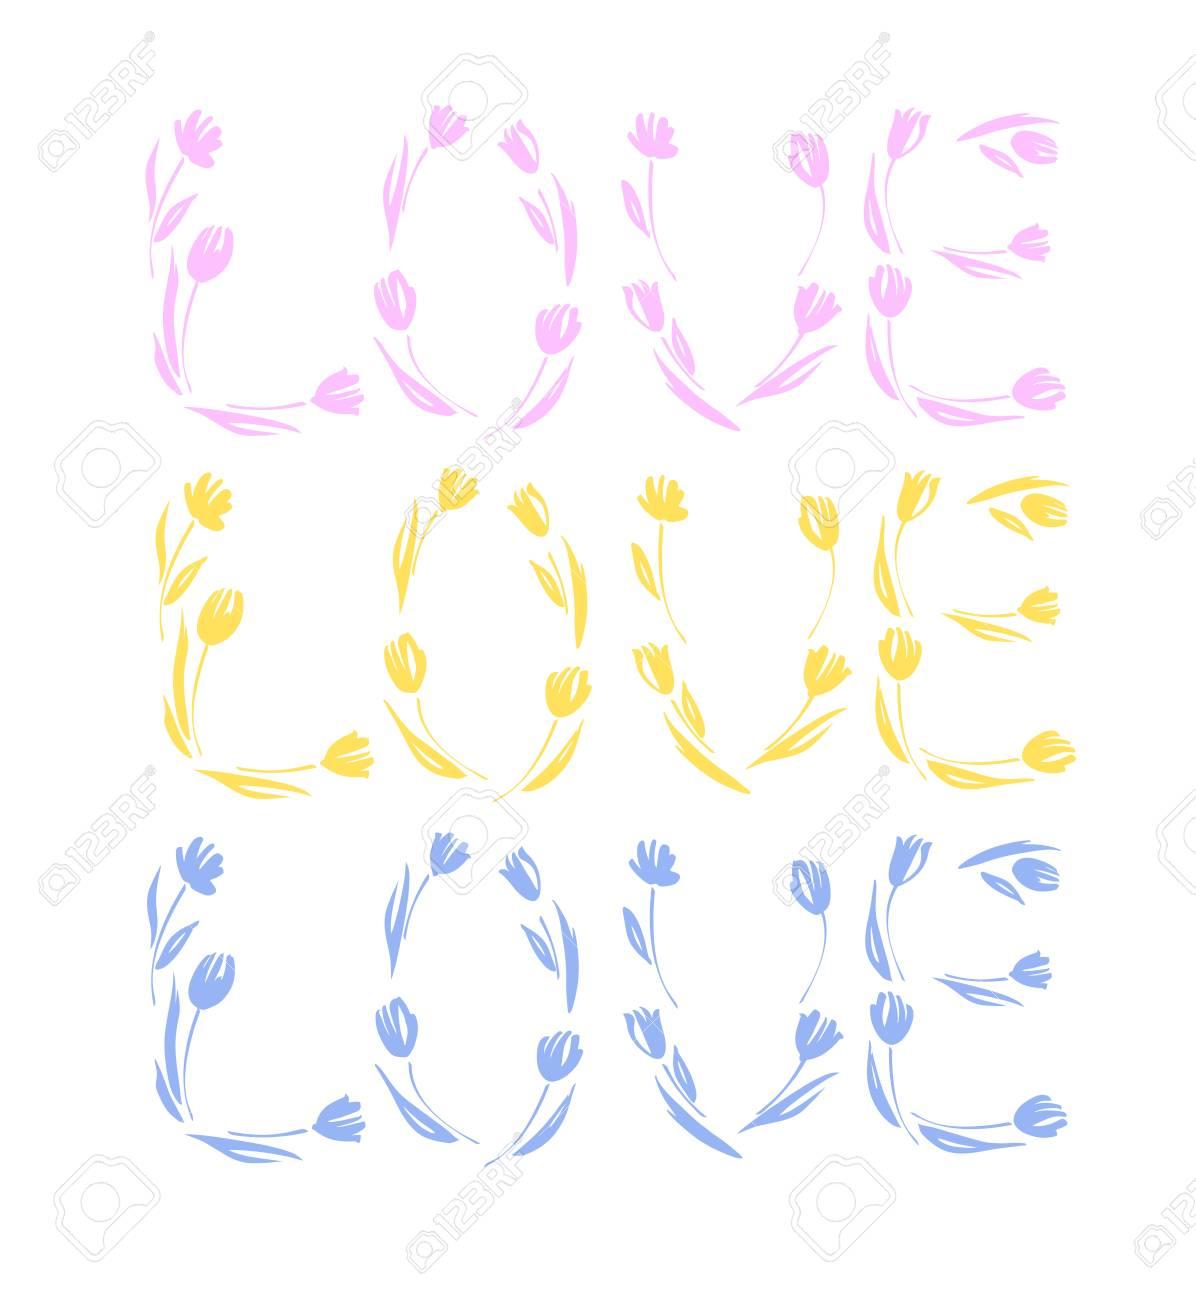 Banque d\u0027images , Le jour de Valentine heureux, mariage, amour carte de  voeux. Aimez,vous le lettrage avec dessiné tulipes main.